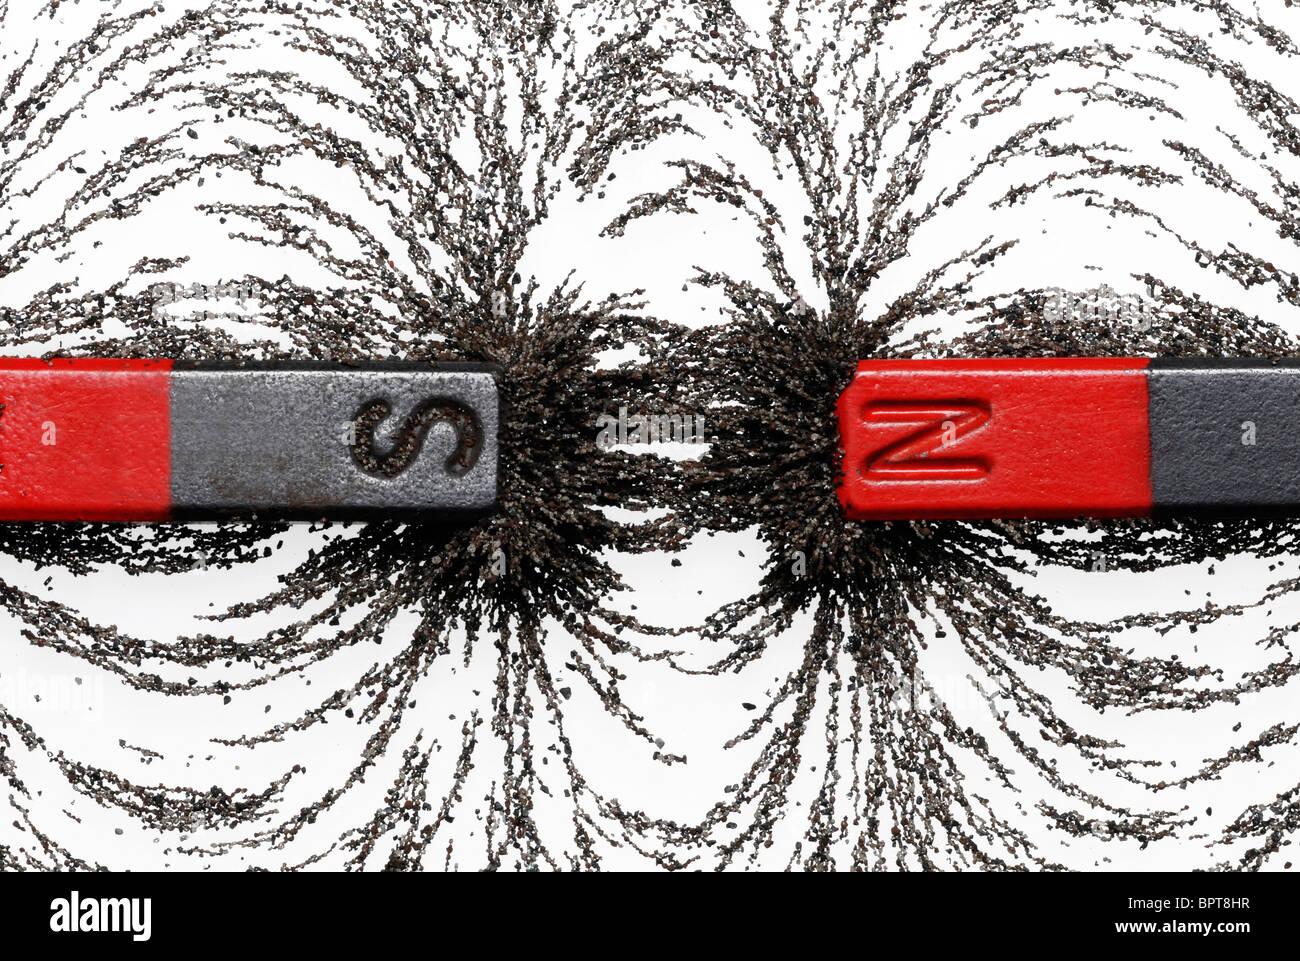 Les aimants avec de la limaille de fer montrant l'attraction magnétique entre pôles opposés Photo Stock